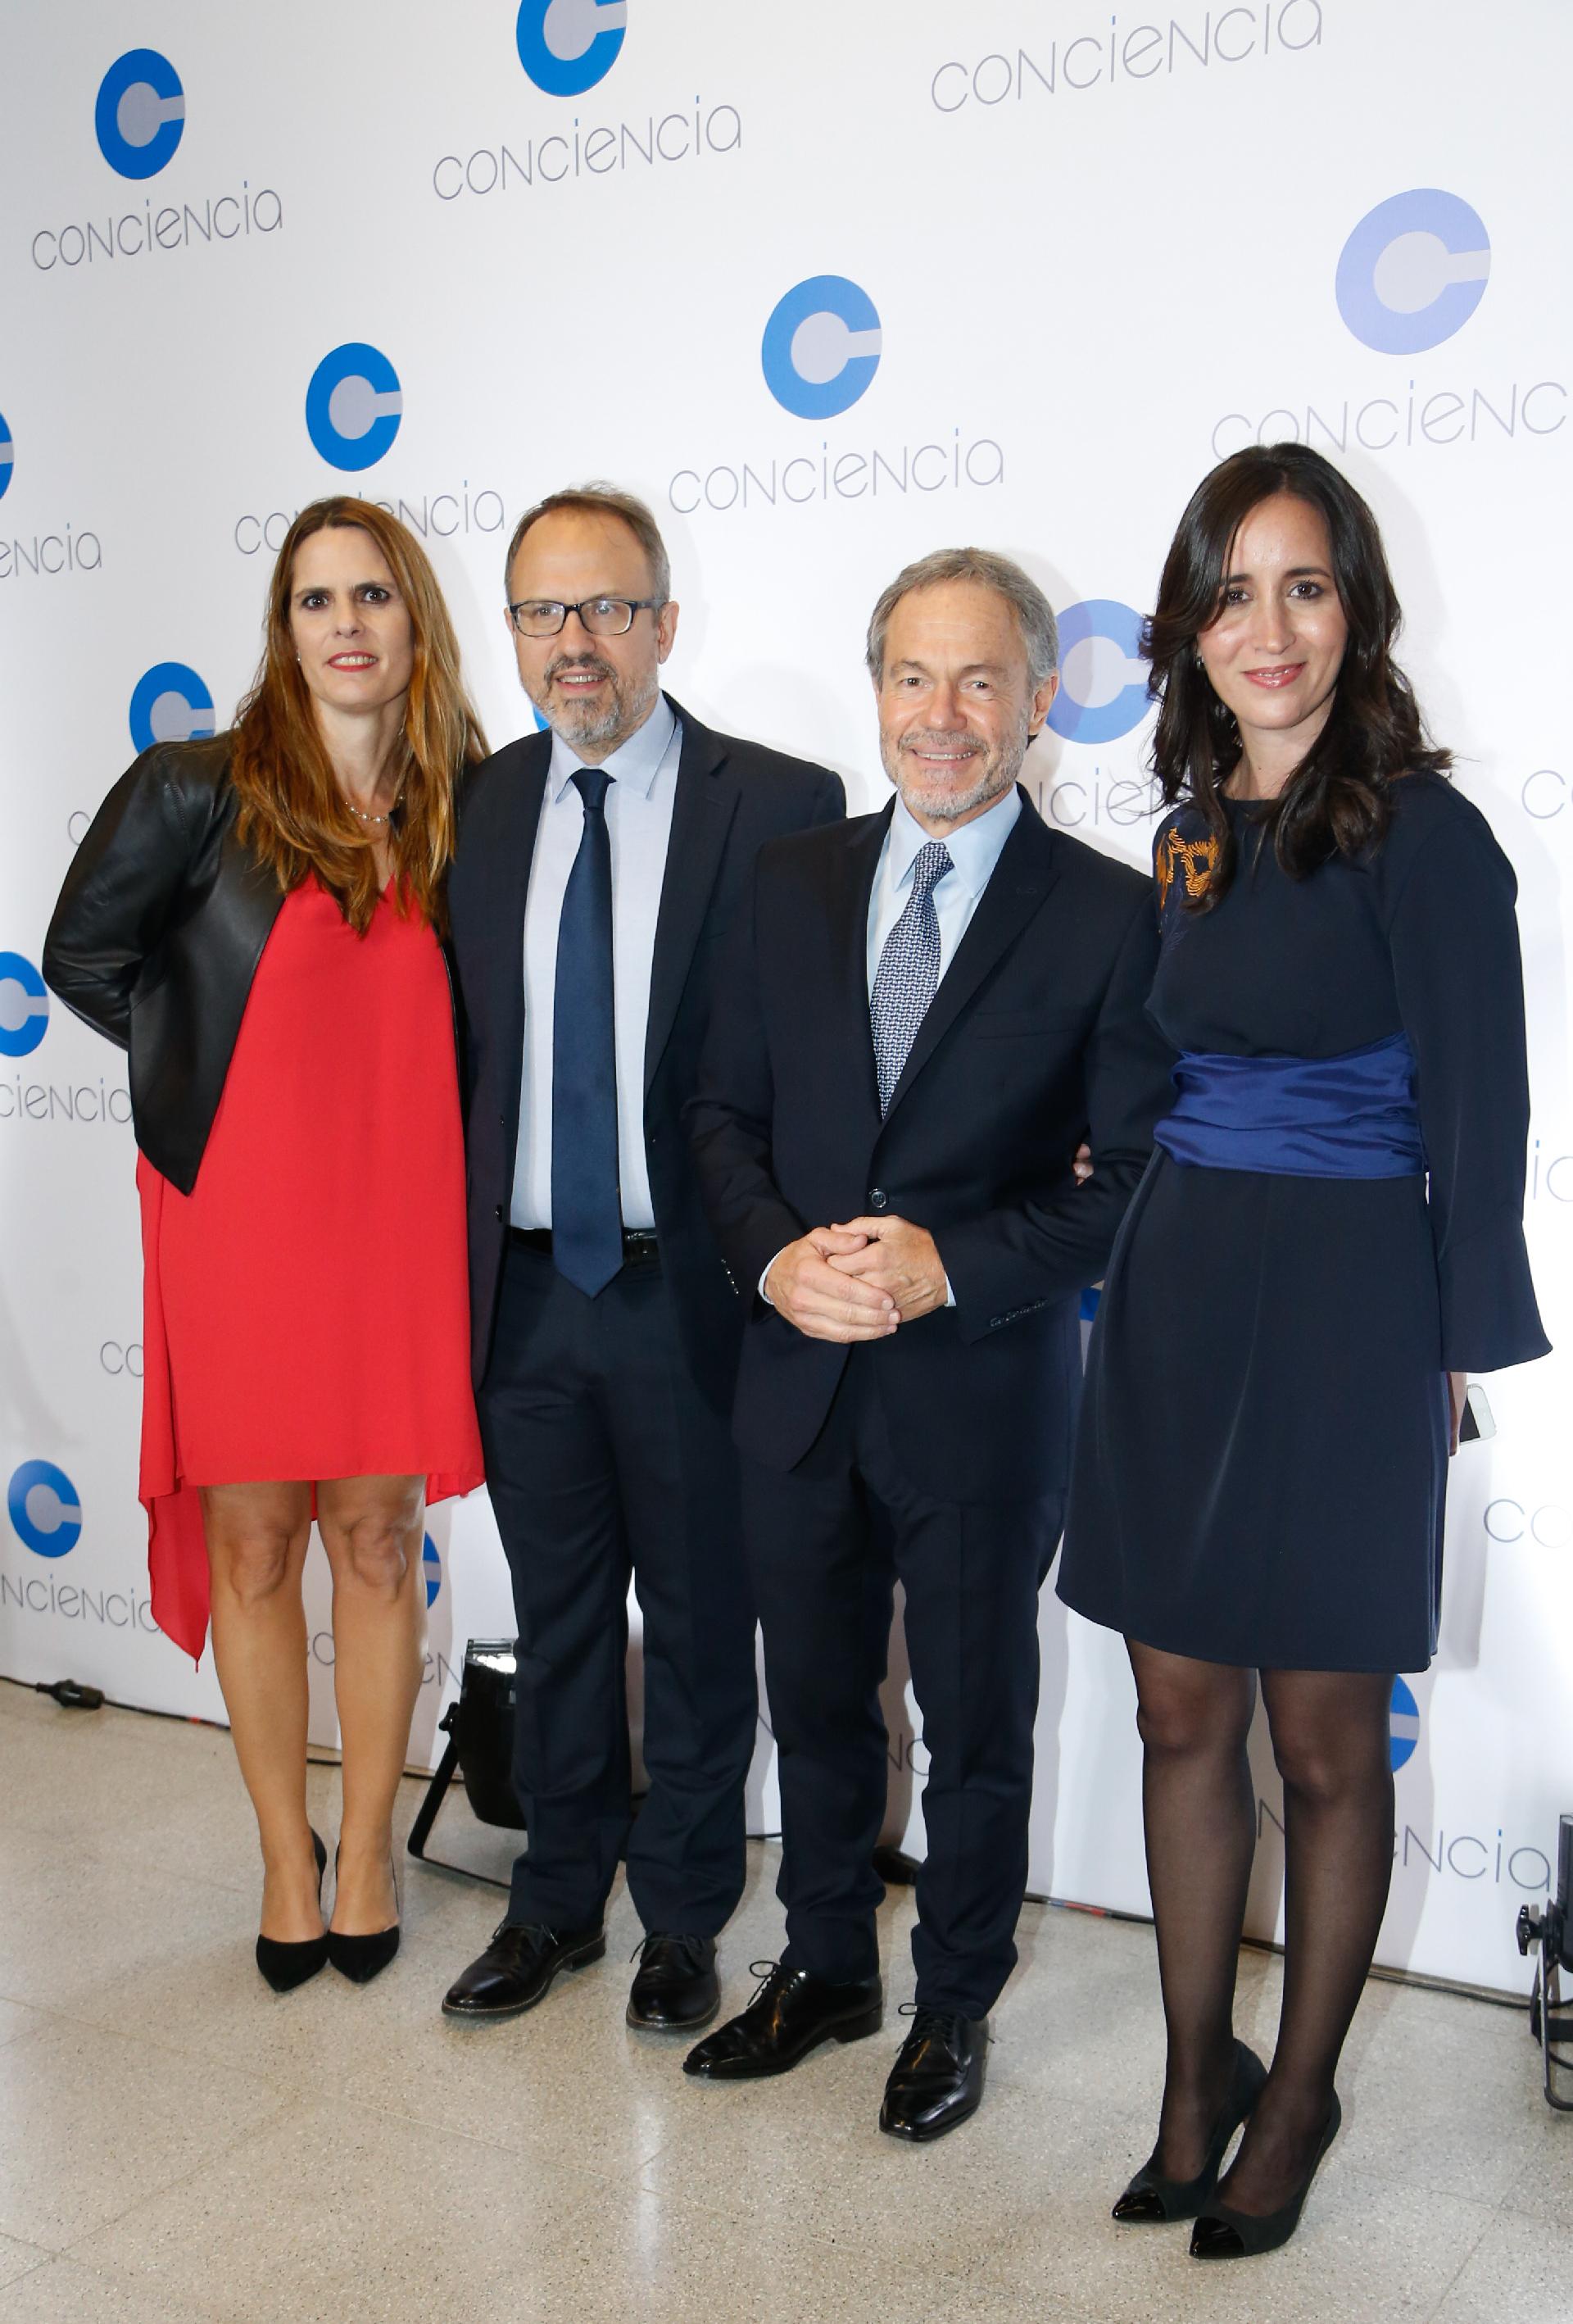 El intendente de Tres de Febrero, Diego Valenzuela, y el ministro de Justicia de la provincia de Buenos Aires, Gustavo Ferrari